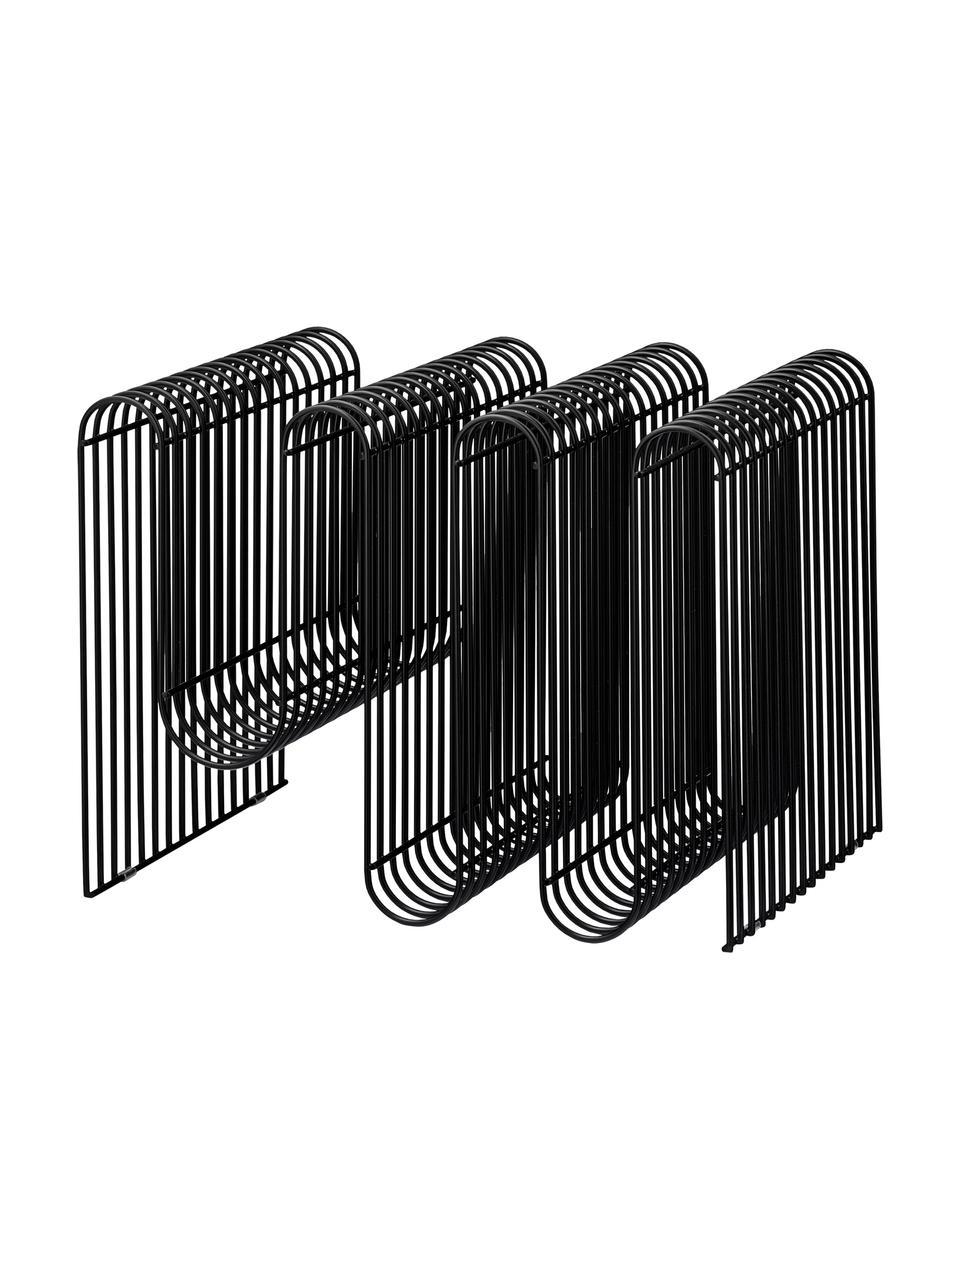 Zeitschriftenhalter Curve, Eisen, beschichtet, Schwarz, 41 x 30 cm